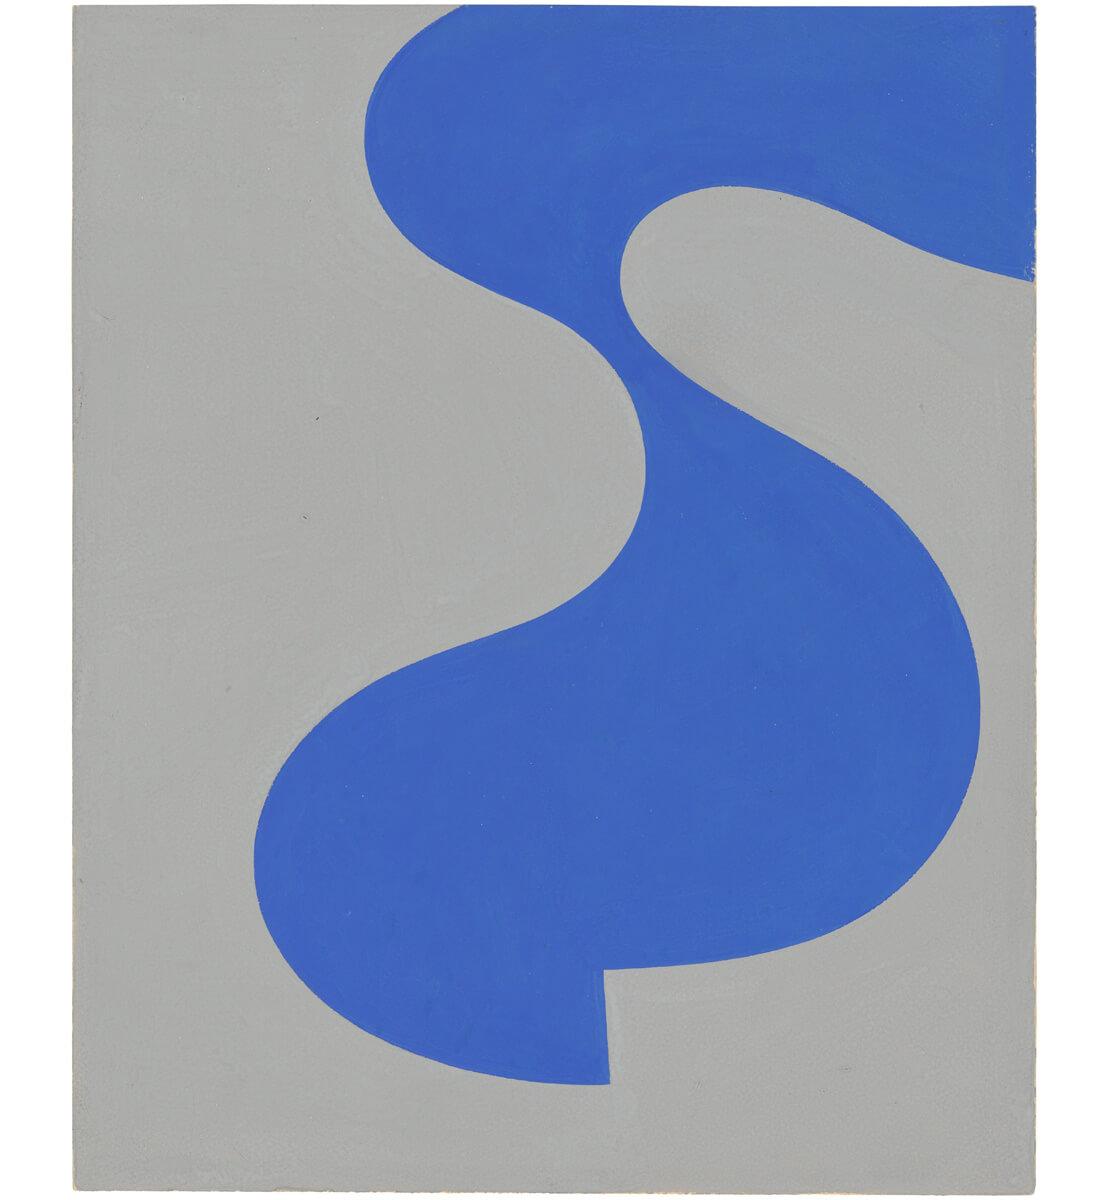 Forme bleue (Blue shape)